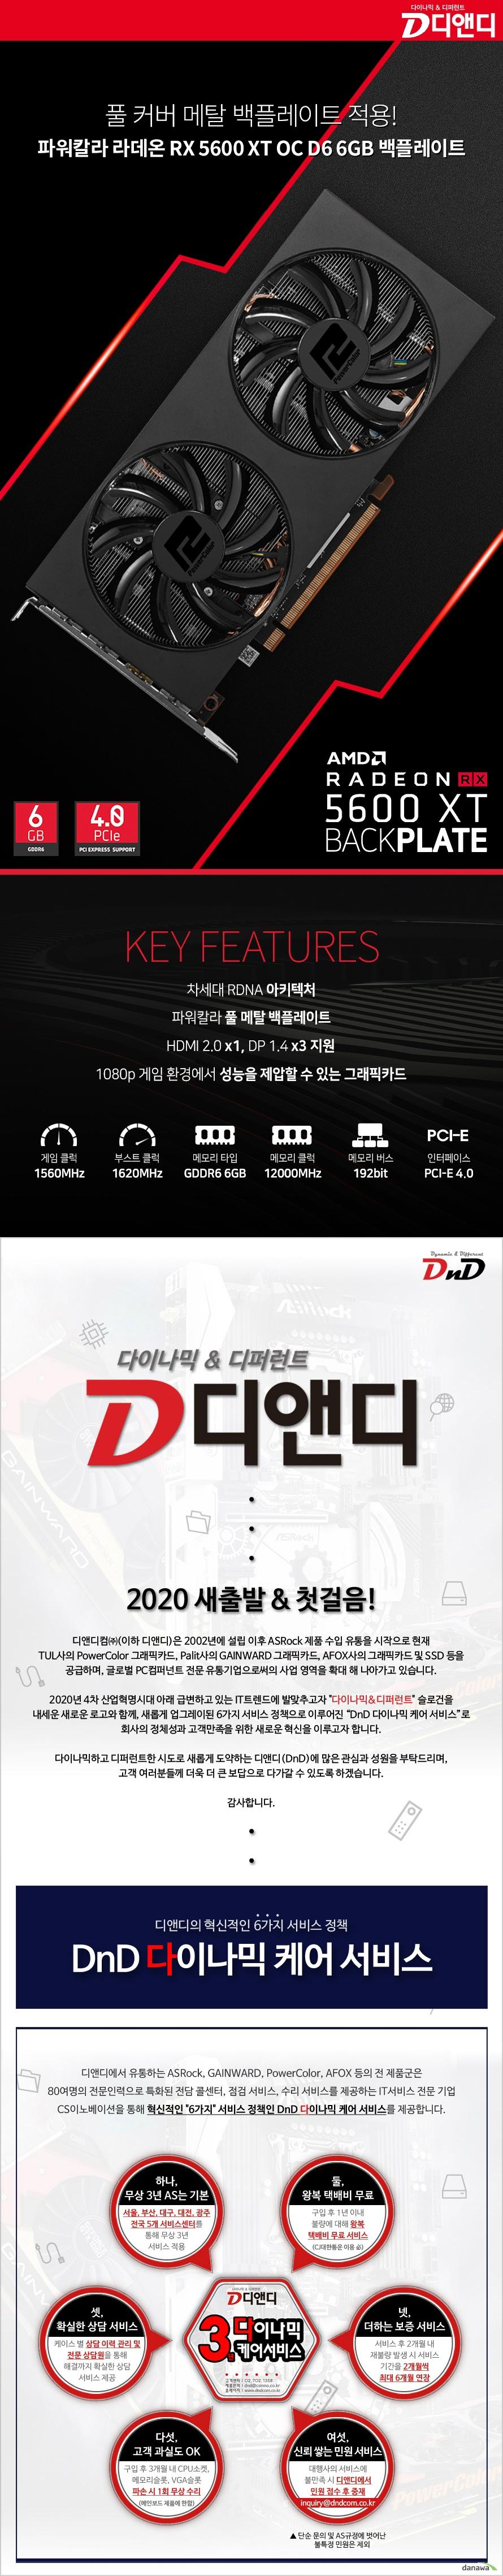 AMD 라데온 RX 5600 XT 시리즈는 기존의 아키텍처를 크게 개선하여 새롭게 태어났습니다. 더 높아진 퍼포먼스와 최상의 안정성으로 부드러운 게임 플레이를 즐기세요.    코어클럭 : 1560 MHz 부스트클럭 : 1620 MHz 메모리스펙 : 6GB / GDDR6 / 12.0Gbps / 192-bit 인터페이스 : PCI-E 4.0 RDNA 아키텍처 디스플레이 포트 : HDMI 2.0 x1 , DP 1.4 x3 파워칼라 풀 메탈 백플레이트 1080p 게임 환경에서 가장 합리적인 그래픽카드 파워칼라 라데온 RX 5600 XT 백플레이트는 7nm FinFET 기반의 차세대 RDNA 아키텍처를 적용하여 최신 3D 게임에서 최고 수준의 성능을 보여줍니다.   래퍼런스 1560Mhz 대비 더 높은 성능을 구현하여 보다 쾌적한 게이밍 환경을 제공합니다.    더욱 광범위하고 많은 풍량으로, 조용하면서도 완벽한 발열 해소를 위한 쿨링 솔루션을 제공합니다.     1.5mm 두께의 풀 메탈 백플레이트를 장착하여, 무게로 인한 그래픽카드의 변형을 방지하고, 더욱 장기간 사용할 수 있도록 내구성을 강화시켜줍니다.     최대 16GT/s의 대역폭으로 PCI Express 3.0에 비하여 약 2배 더 많은 데이터를 전송할 수 있어 더욱 쾌적한 게이밍 환경을 제공합니다.     기존 방식의 한계를 뛰어넘는 AMD 아이피티니 기술을 지원하여 최대 4대의 모니터를 동시에 지원합니다.   1080p 게임 환경에서는 최고 수준의 프레임률로 매우 부드러운 게임 플레이를 할 수 있습니다.    대용량 8mm 두께의 히트파이프와 알루미늄 히트싱크는 듀얼 팬과 함께 그래픽카드의 열을 발산하는데에 최적화되어있습니다.   뛰어난 전력 효율과 발열을 최소화 하기 위해 최고 수준의 전원부 Dr. MOS를 적용하였습니다.    파워칼라 라데온 최신 그래픽 기술들을 풍부하게 즐겨보세요.    VR 콘텐츠에 최적화 된 기술을 활용하여 높은 몰입감의 VR 경험을 선사합니다.   적응형 선명화 효과와 GPU 업 스케일링을 통합해 게이밍 성능에 영향을 미치지 않으며 선명하게 출력되는 시각효과를 제공합니다.   섬세한 게이밍에 큰 영향을 미치는 인풋렉을 최소화하고 최상급 게이밍 경험을 선사합니다.   높은 재생률, 낮은 지연속도 및 10비트 HDR을 통해 끊어짐 및 깨짐 현상 없는 게이밍 환경을 제공합니다.   여러 효과들을 소수의 셰이더 패스로 자동 축소하여 성능낭비를 최소화하고 GPU 공간을 확보합니다.   사용자 경험으로 완전히 새롭게 디자인 되어 게임 성능에 최적화 된 드라이버를 통해 GPU의 잠재력을 최대한 발휘합니다.   게이밍에 적용된 음향효과를 세밀하게 컴퓨팅하여 입체적이고 풍부한 사운드를 구현합니다.